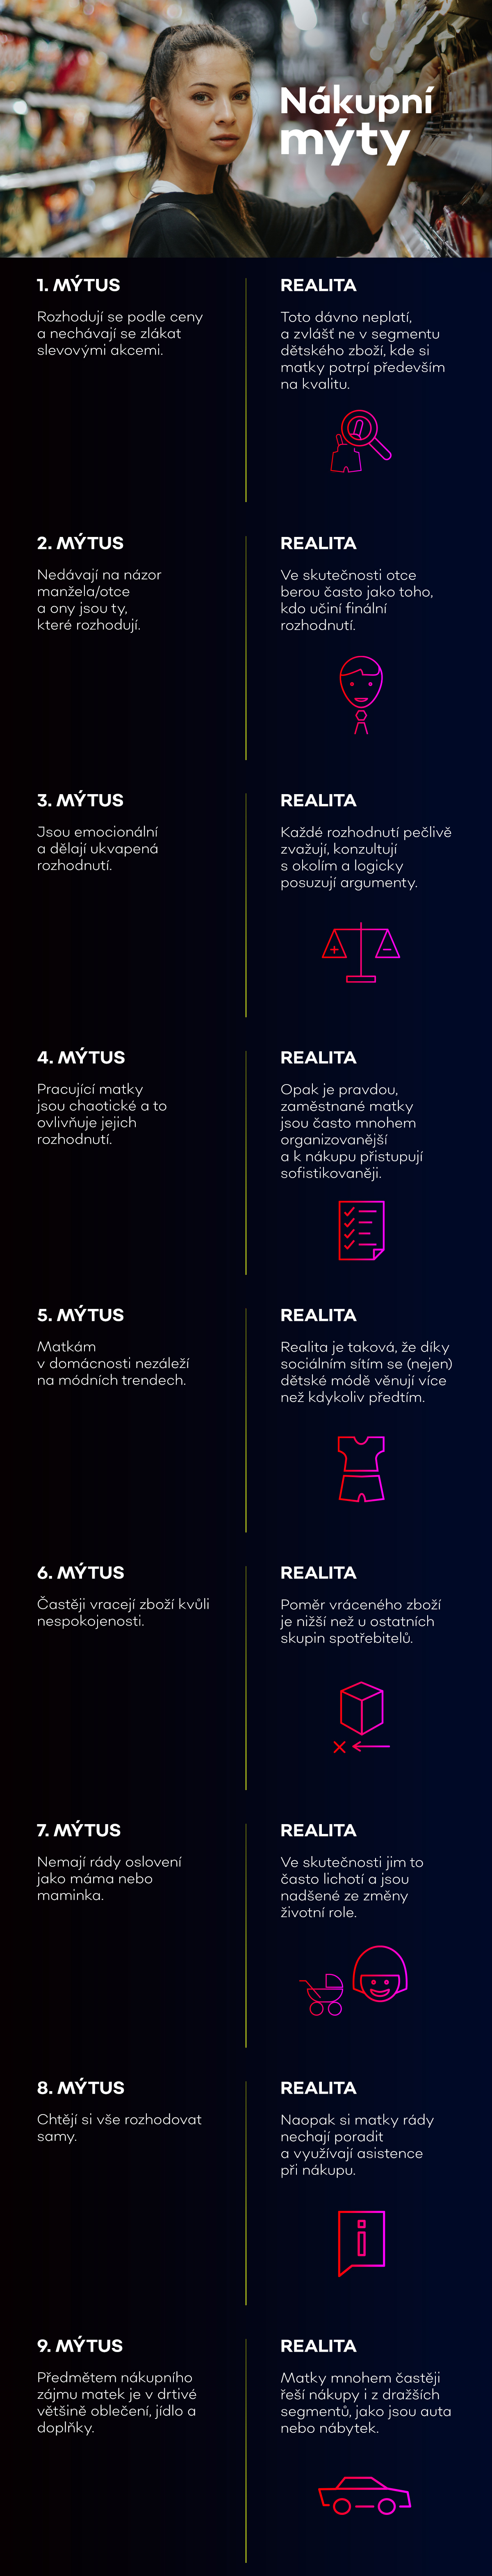 Infografika - pravda a mýty v nákupním rozhodování matek